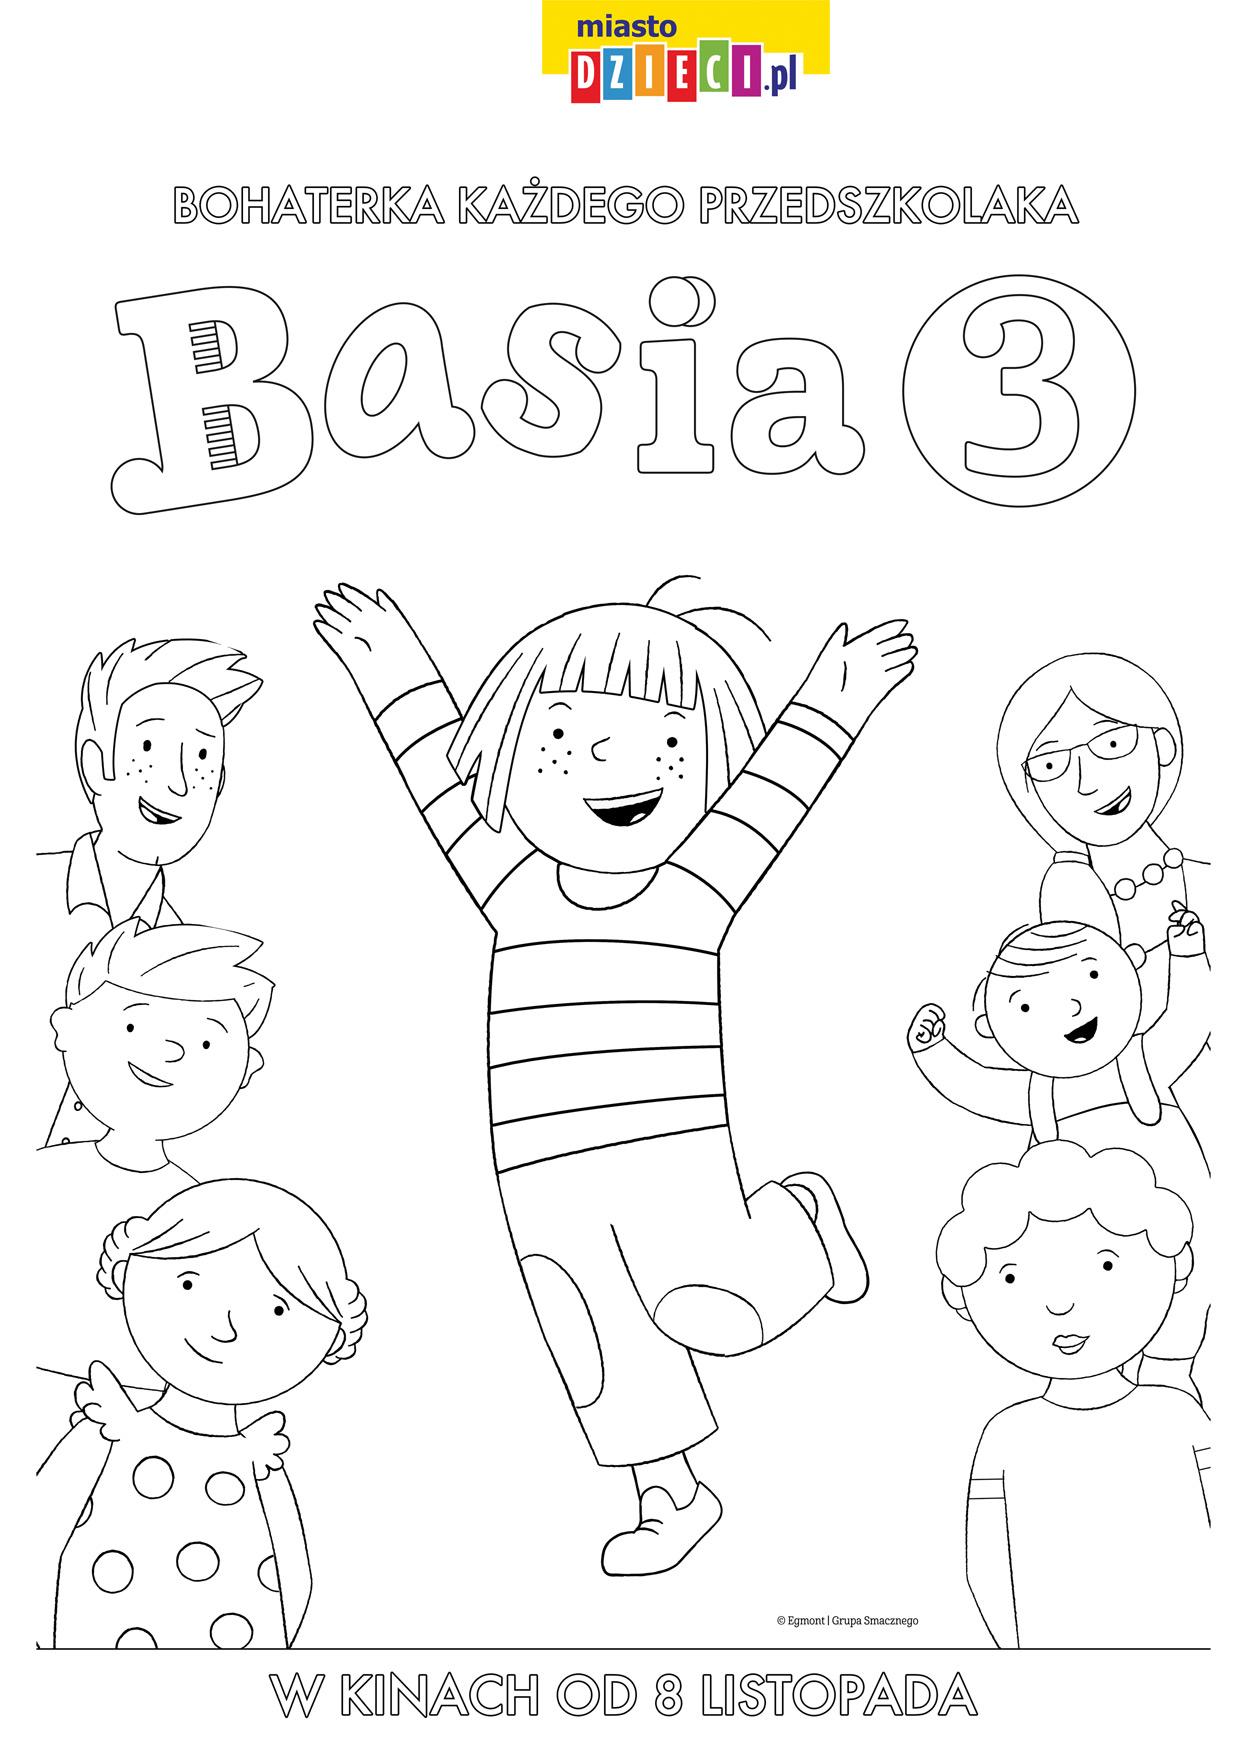 Basia kolorowanki i szablony do druku dla dzieci MiastoDzieci.pl